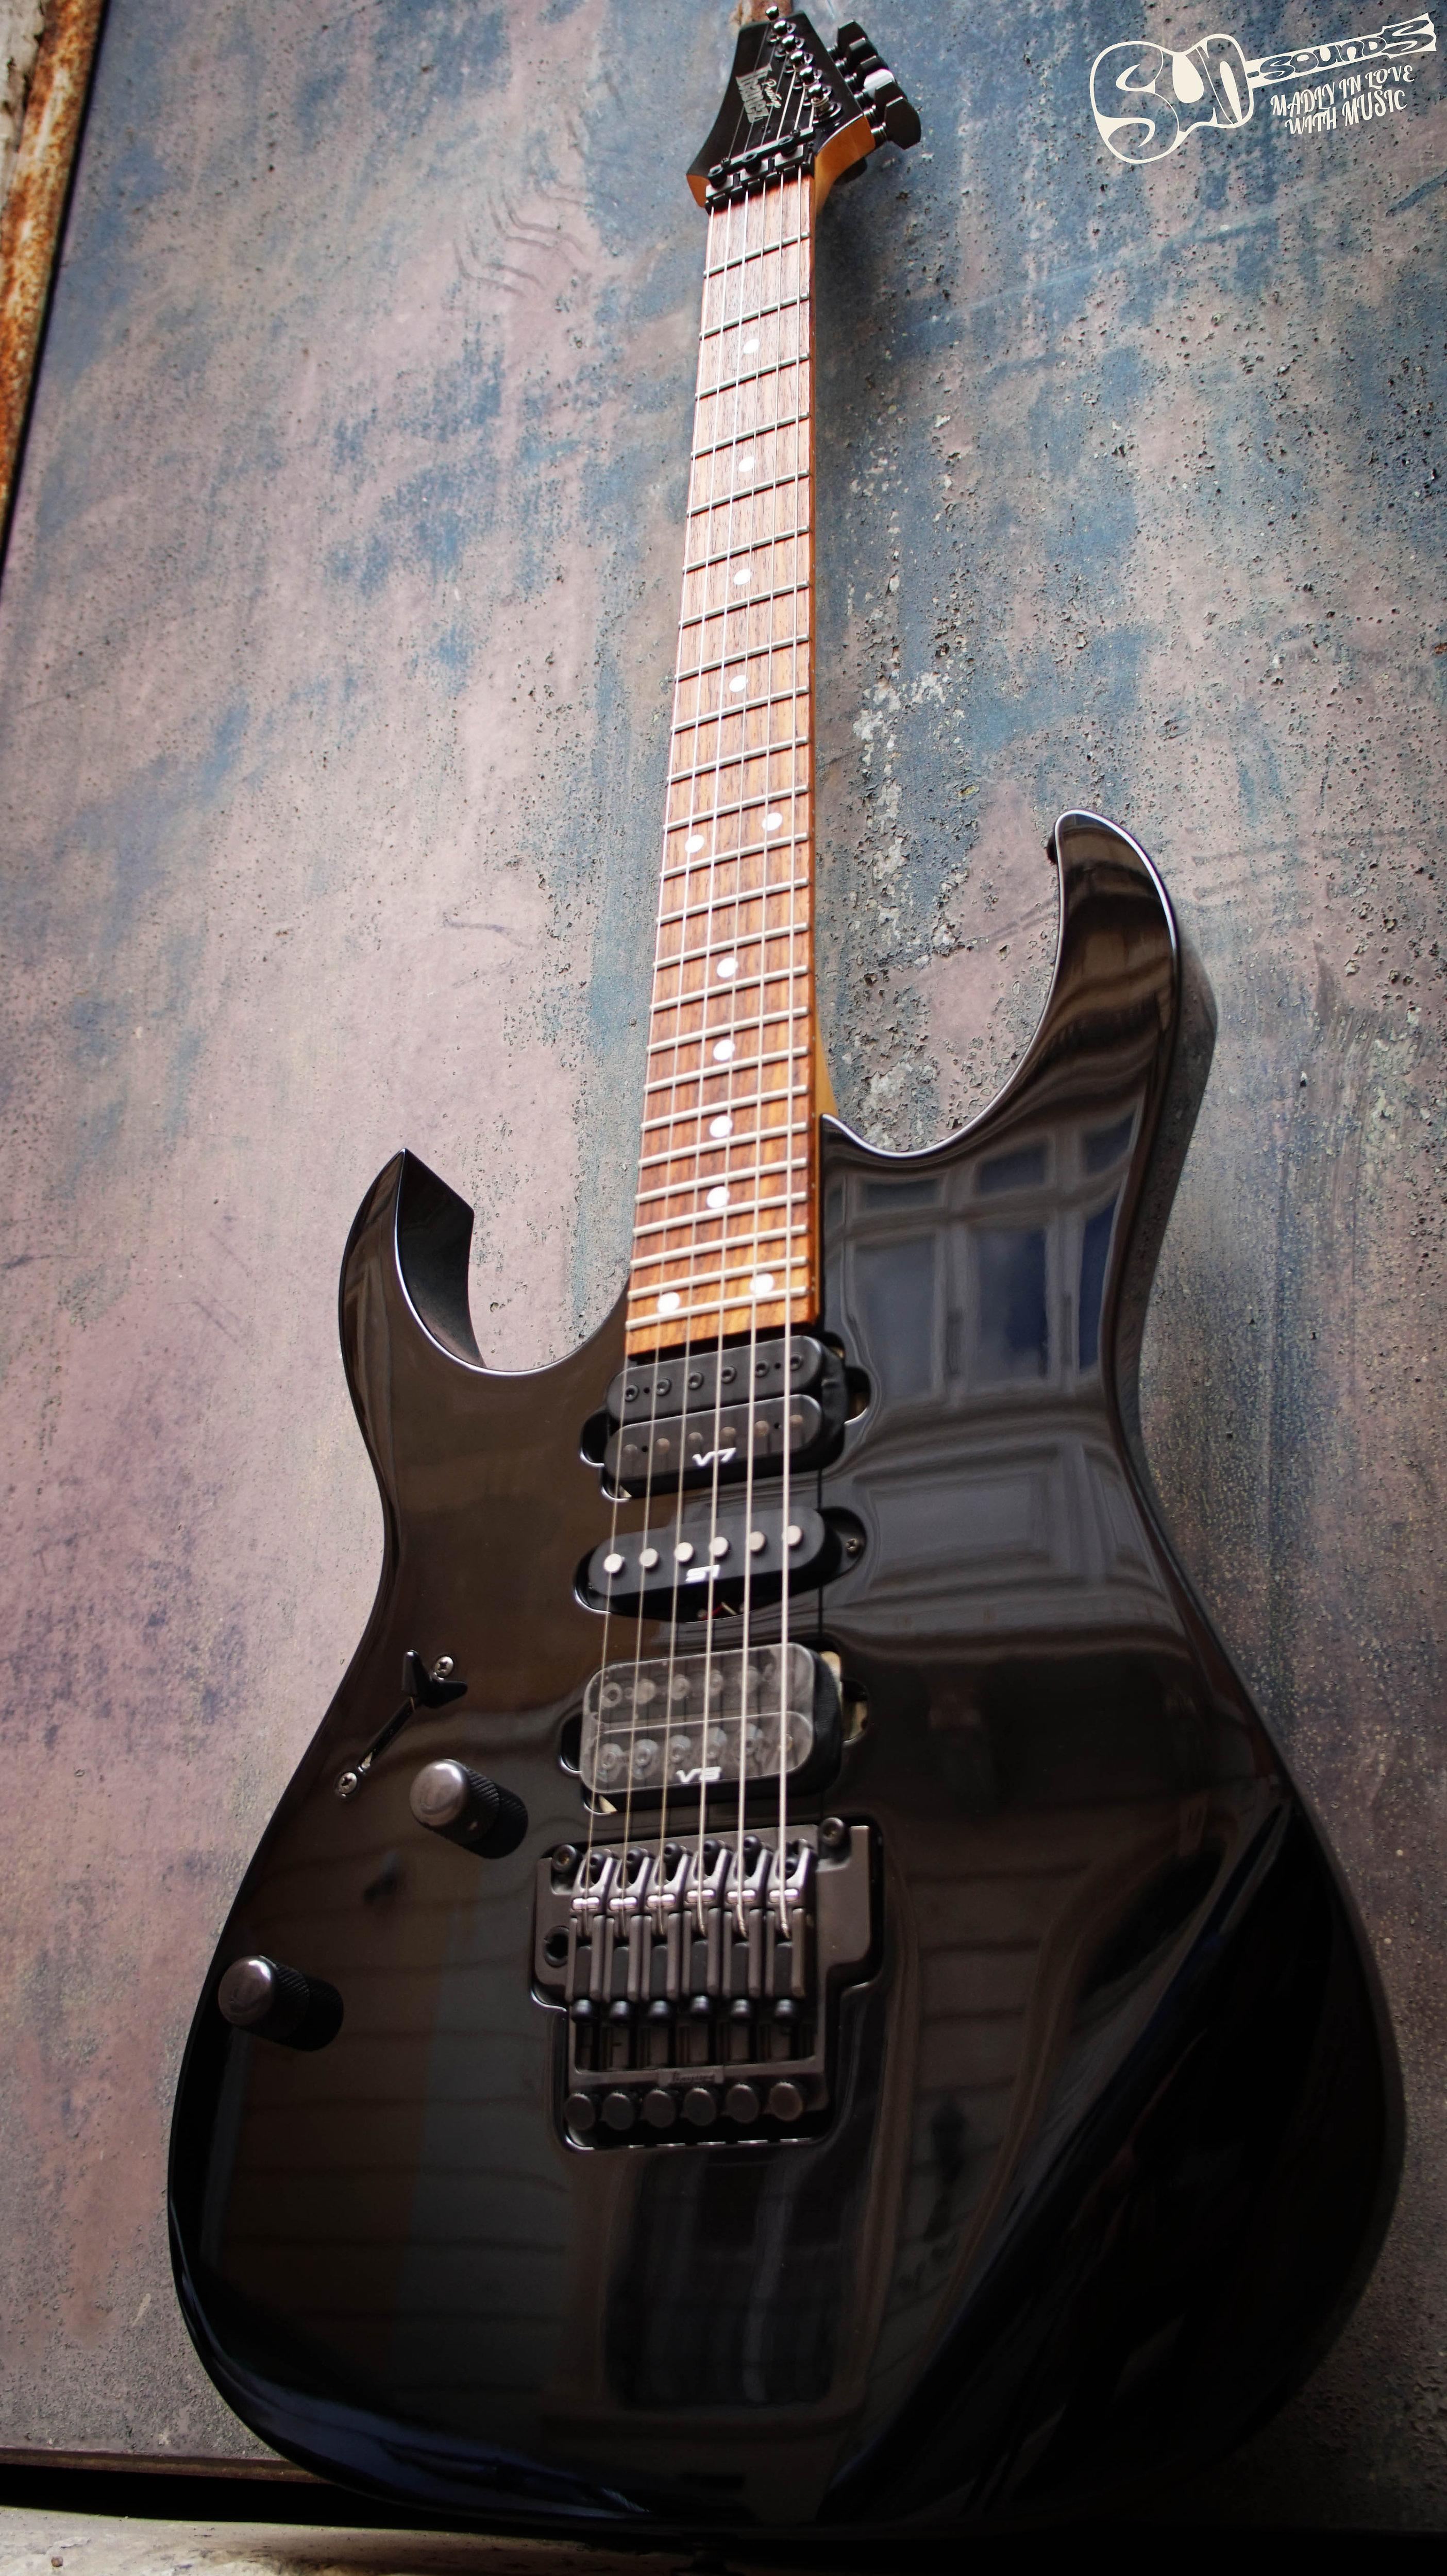 Ibanez RG1570 Prestige | Left handed Guitar